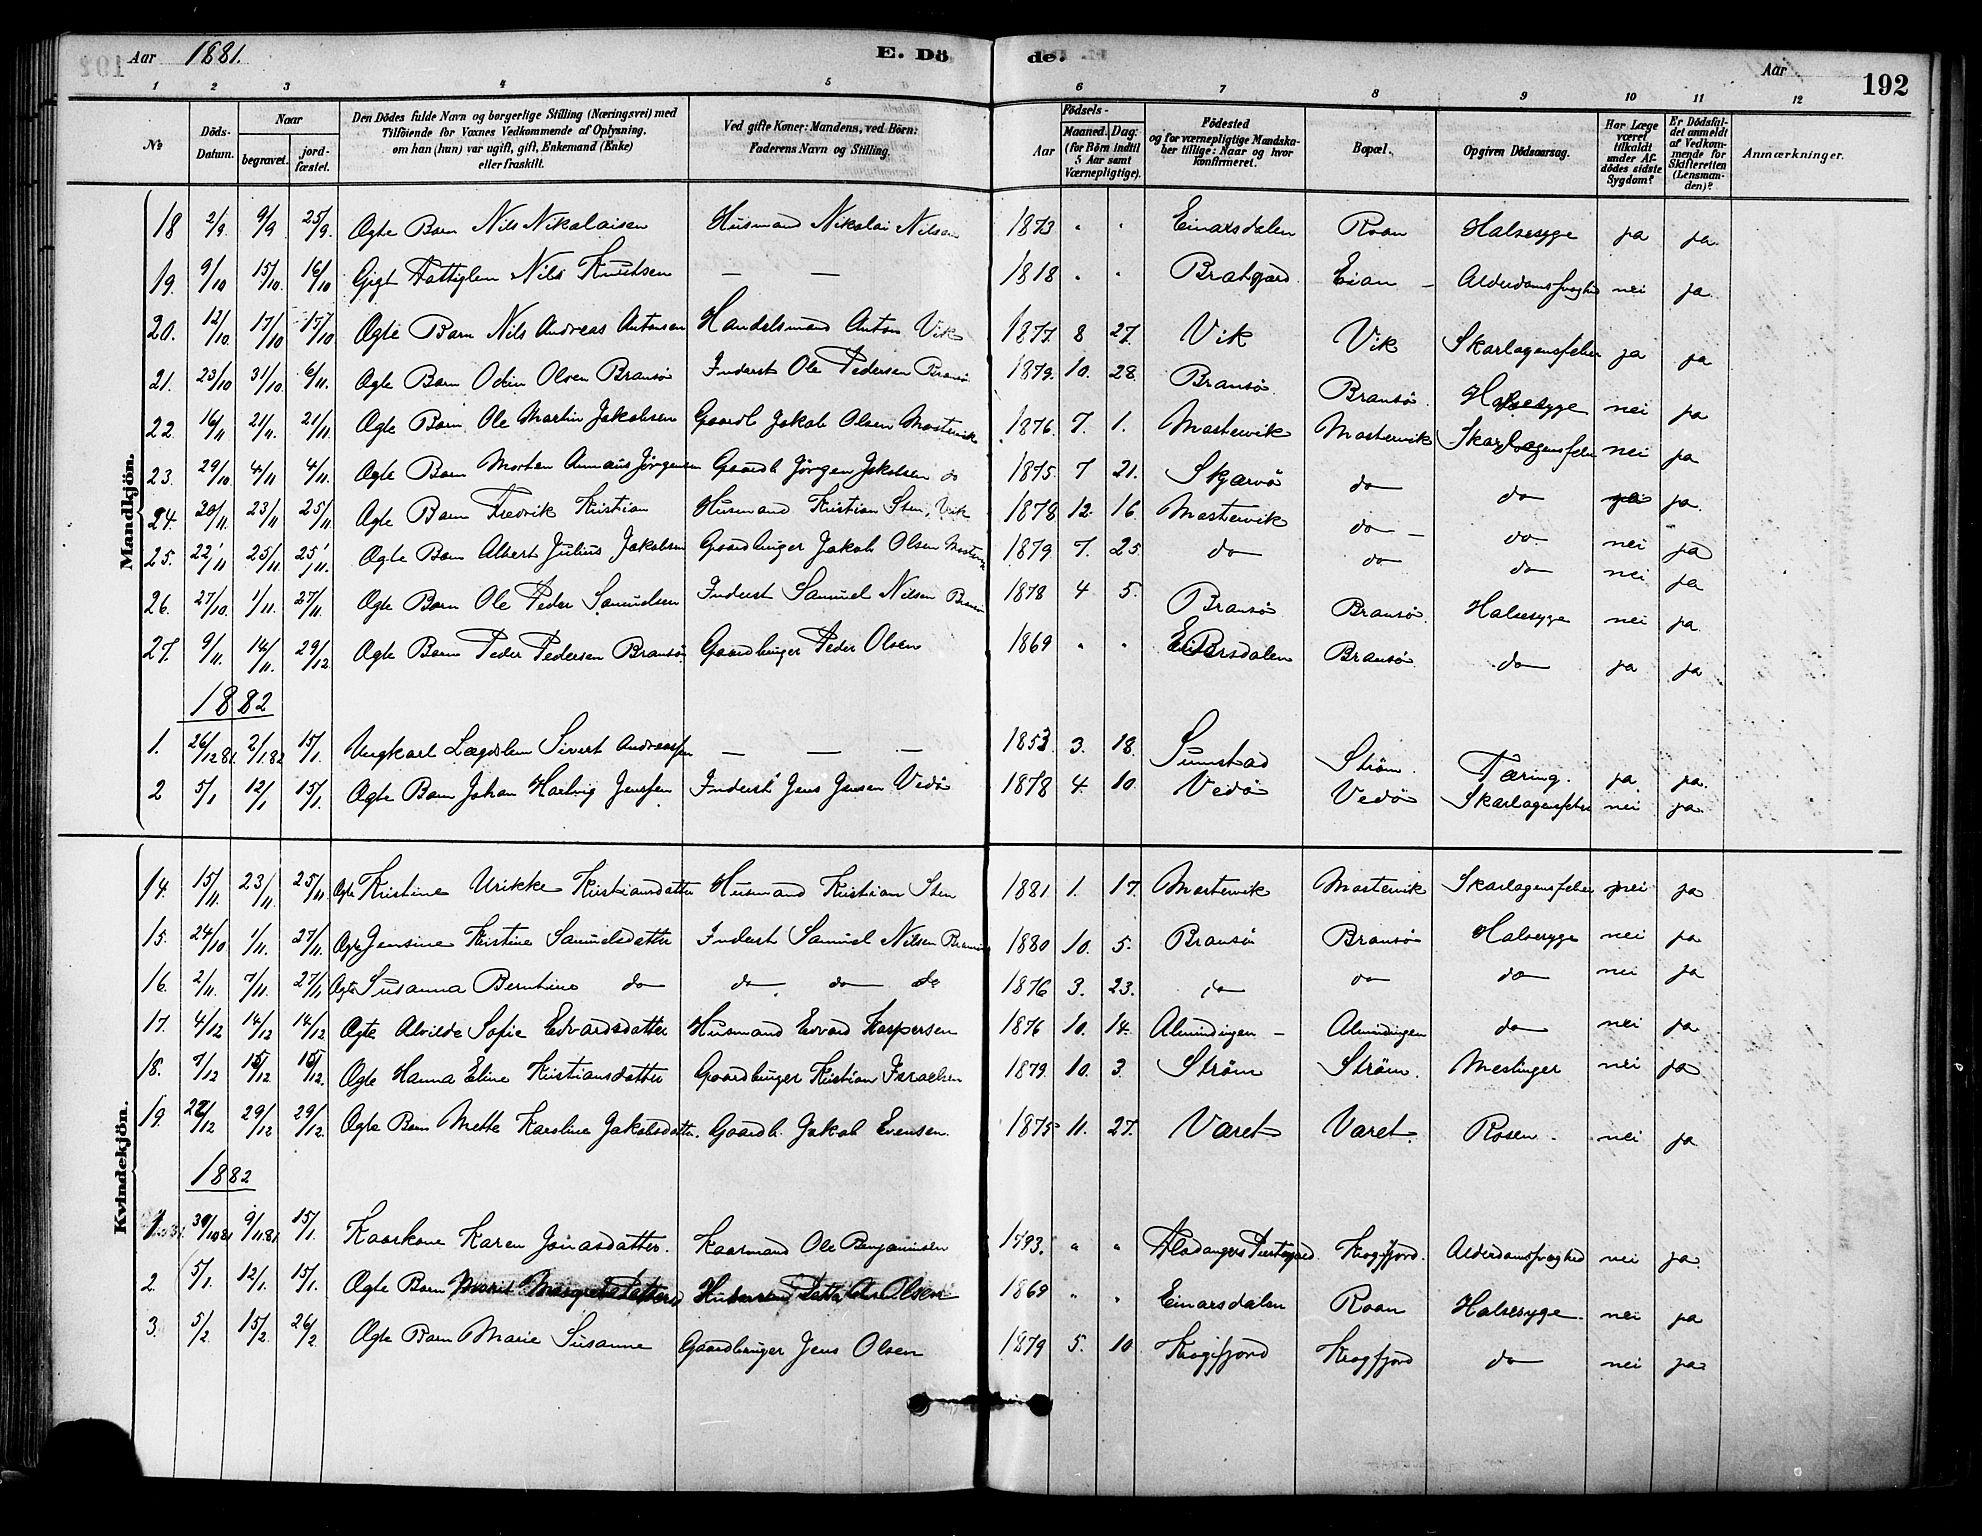 SAT, Ministerialprotokoller, klokkerbøker og fødselsregistre - Sør-Trøndelag, 657/L0707: Ministerialbok nr. 657A08, 1879-1893, s. 192